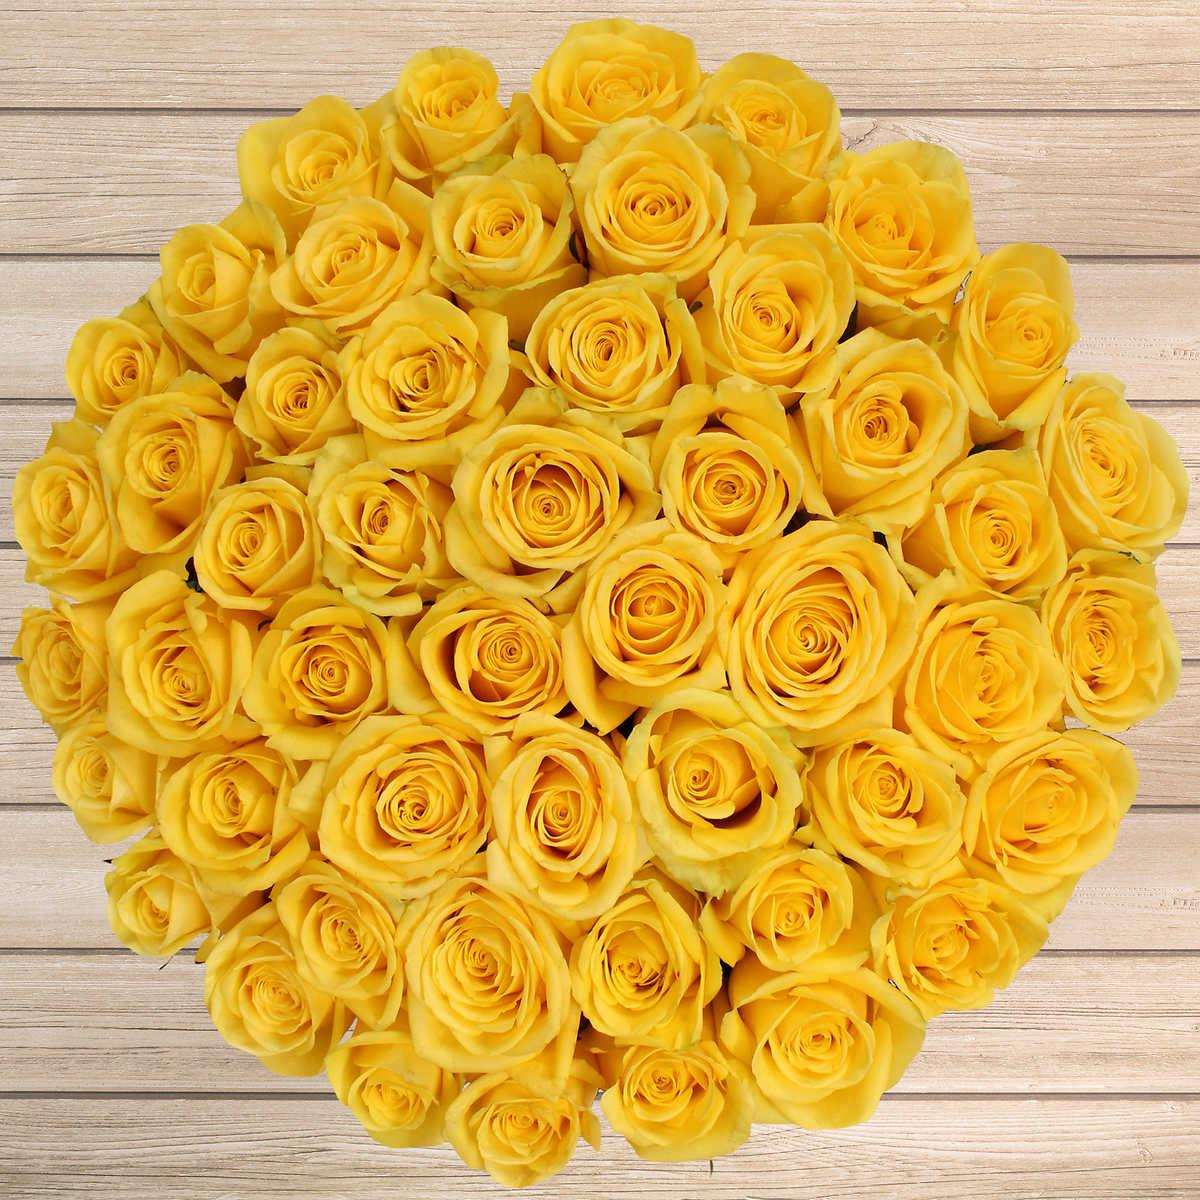 Роза Желтая , 51 штука